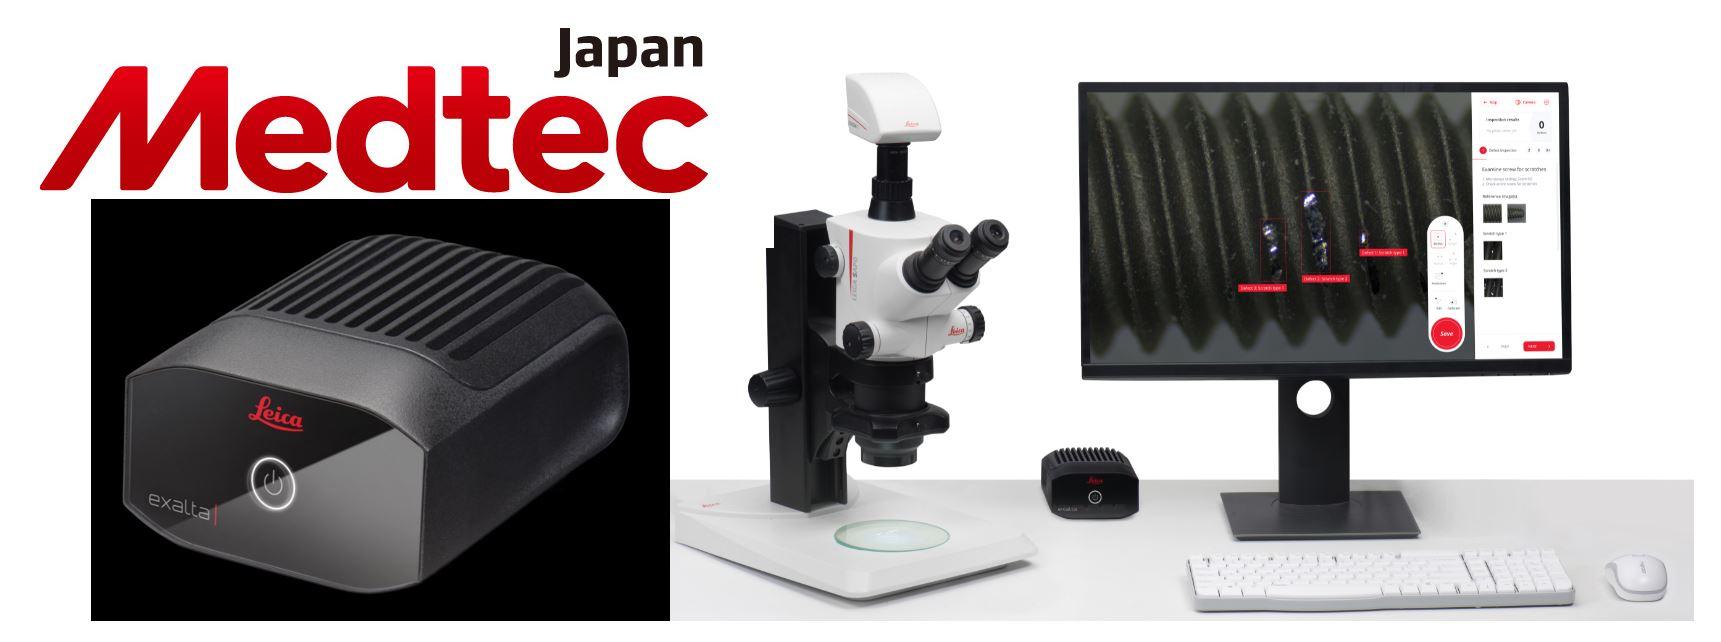 Medtec機器展示(2021年4月14日~16日)